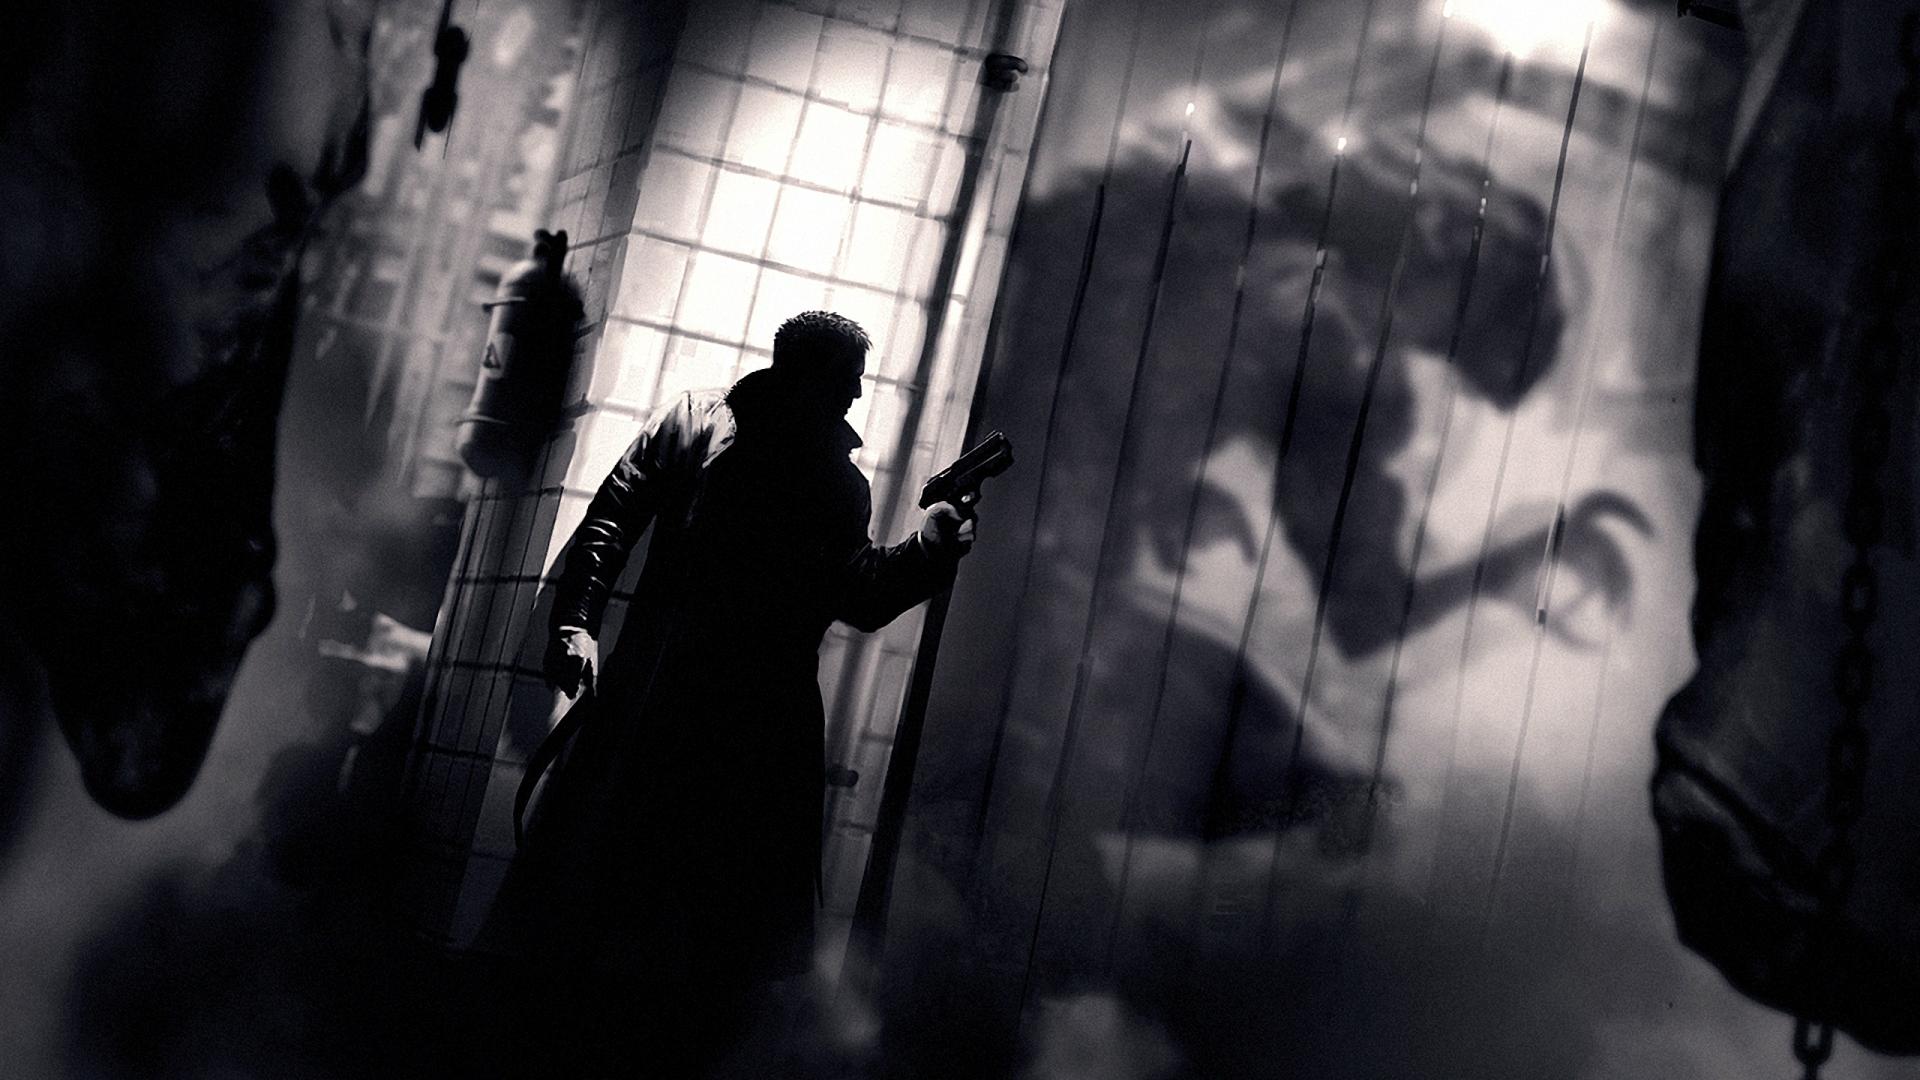 Dark Noir Wallpaper: Dark HD Wallpaper